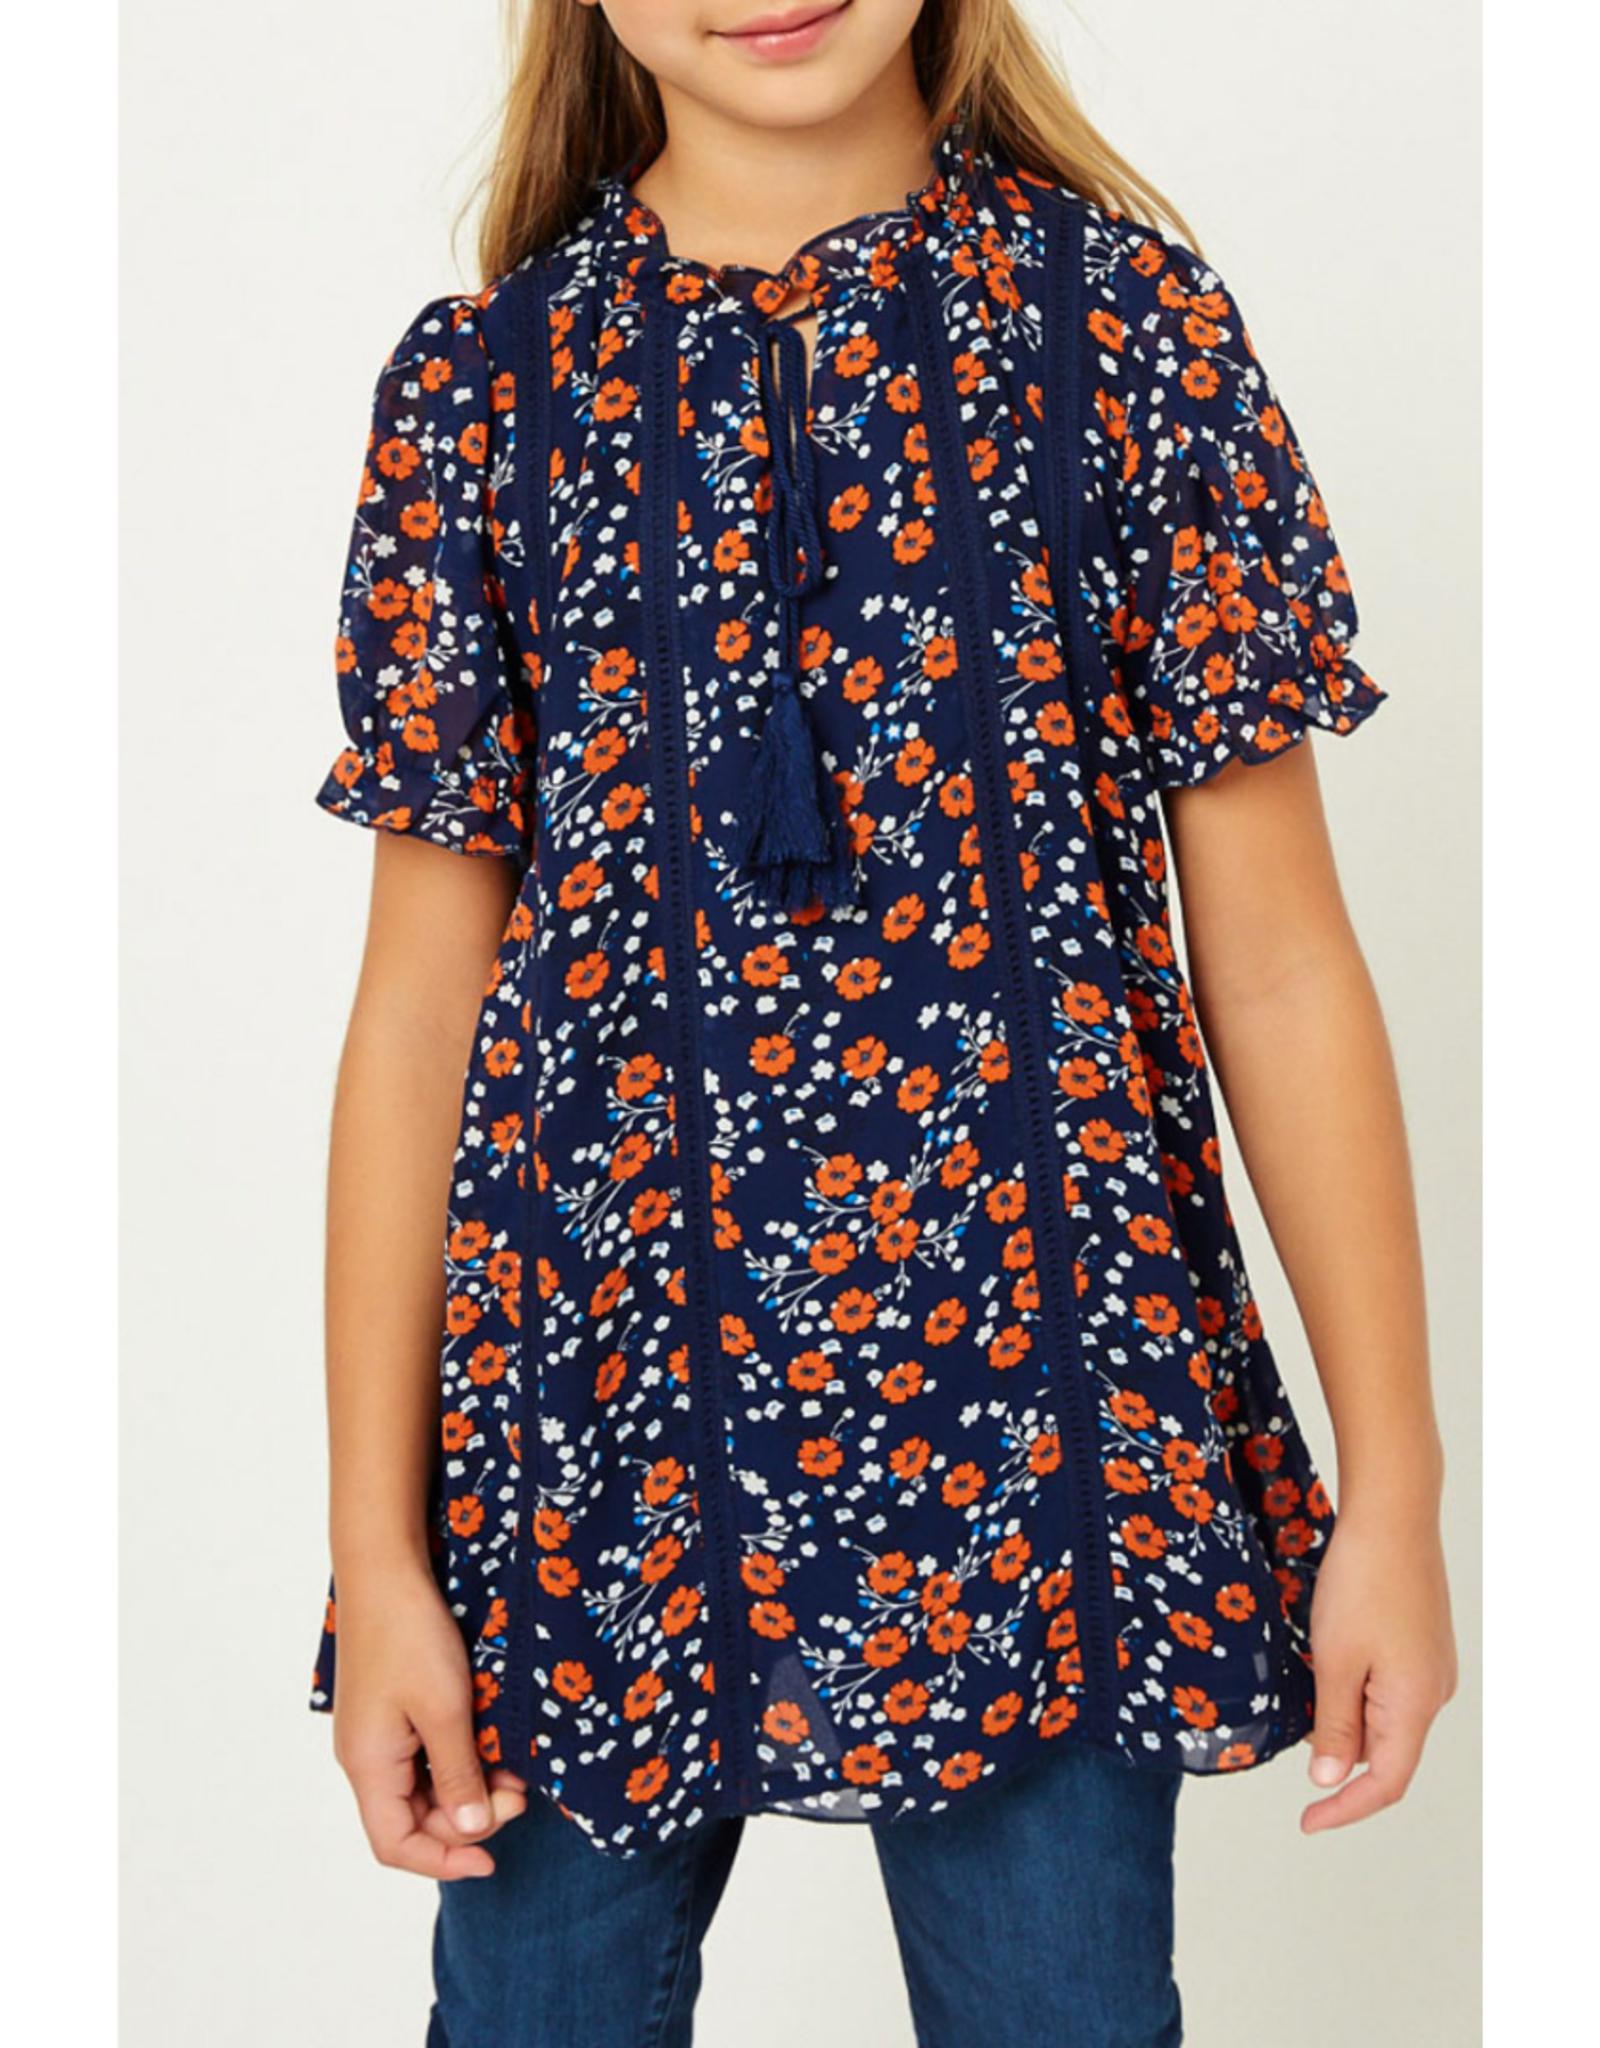 Hayden Girls Navy Tunic w/ Orange Flowers